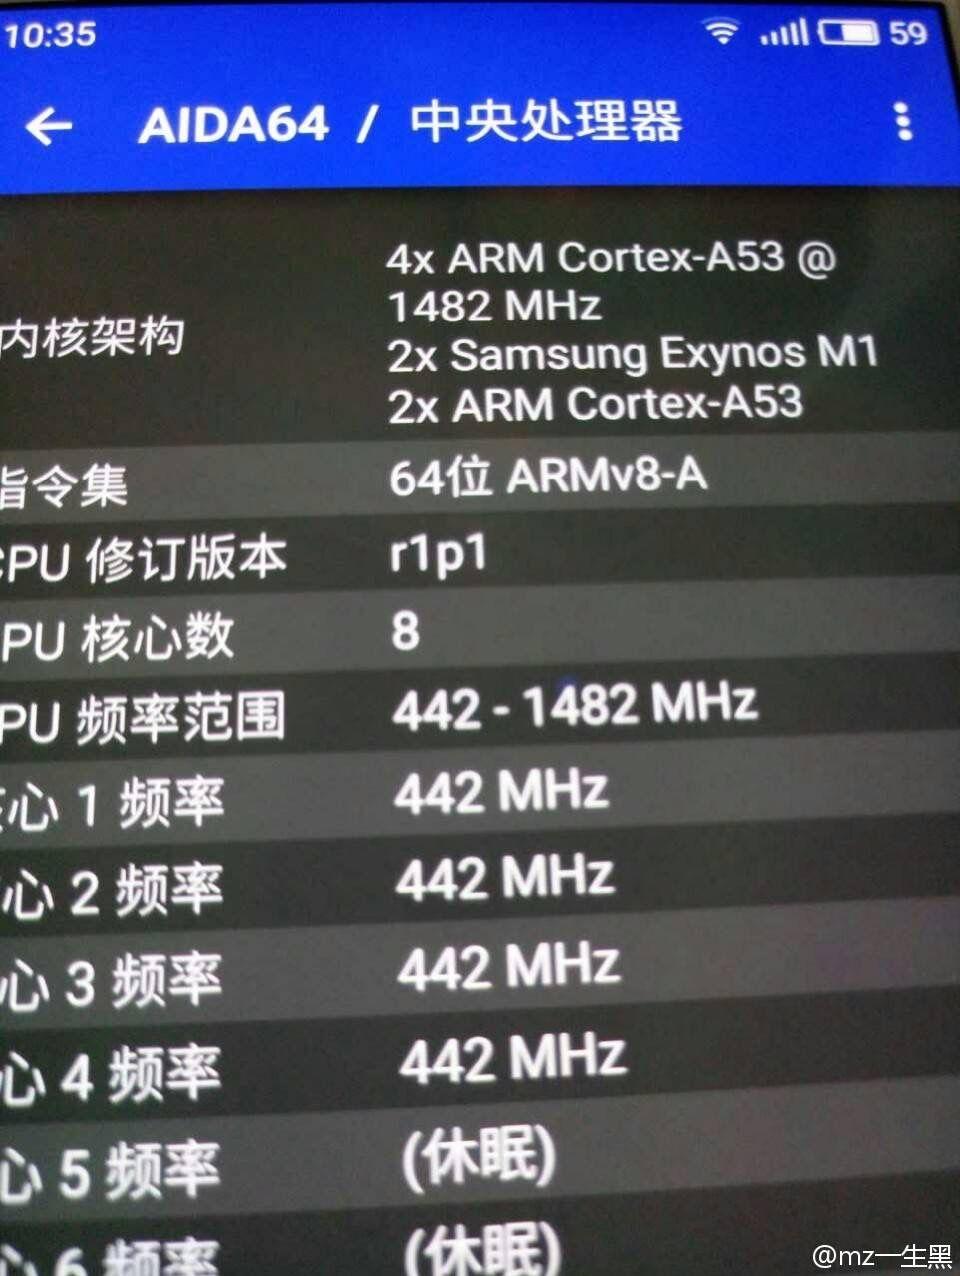 コアにExynos M1を搭載しているMeizu製スマートフォンの存在がリーク。Exynos 8890とは異なったCPUを搭載か?